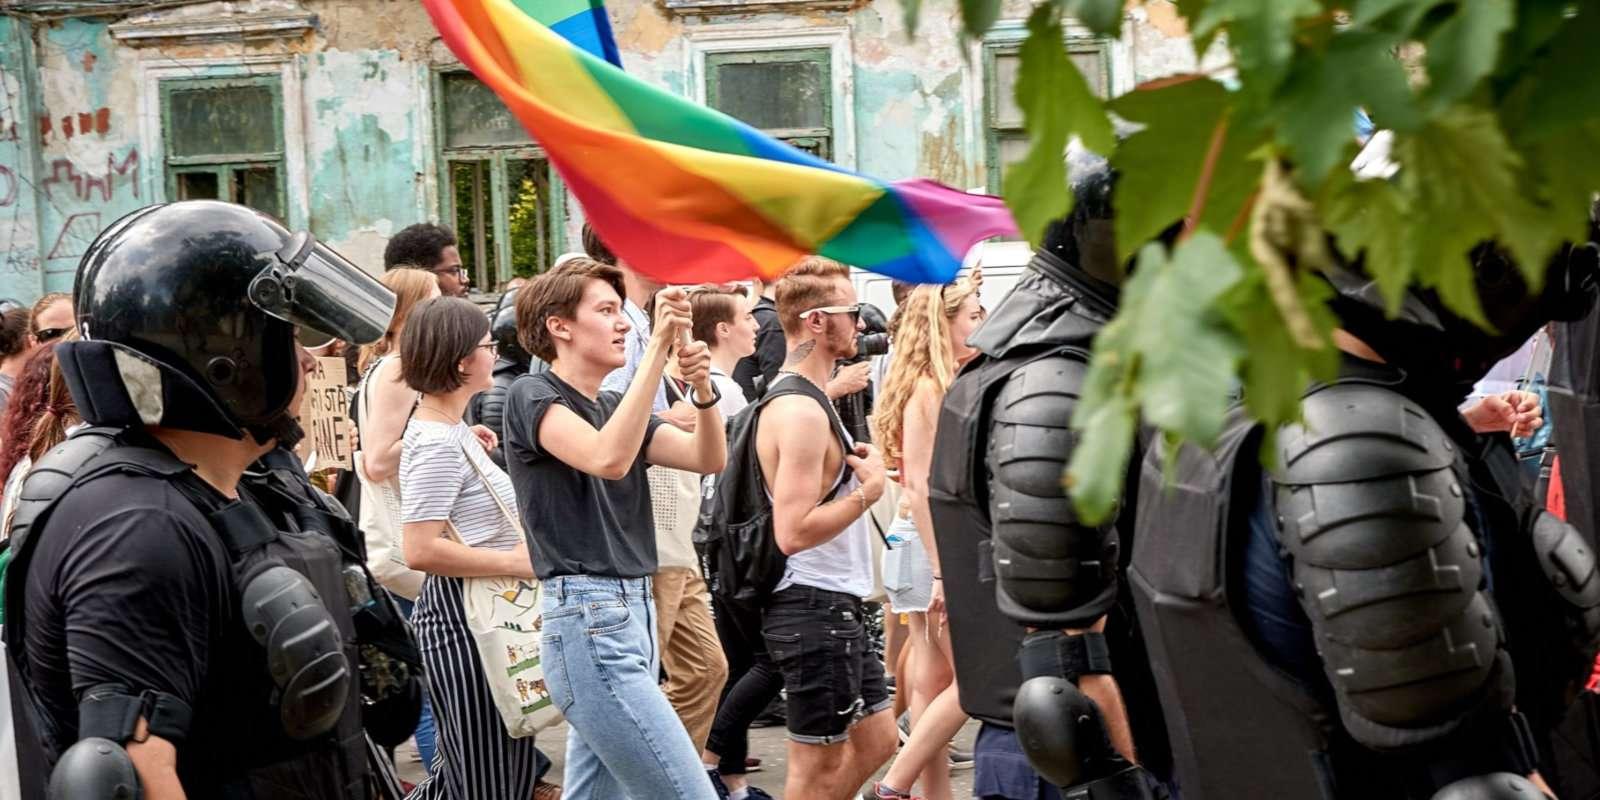 Bien que la Moldavie organise une parade de la fierté gaie, elle est parfois attaquée par des groupes chrétiens orthodoxes radicaux et ces dernières années ont nécessité la protection de la police.